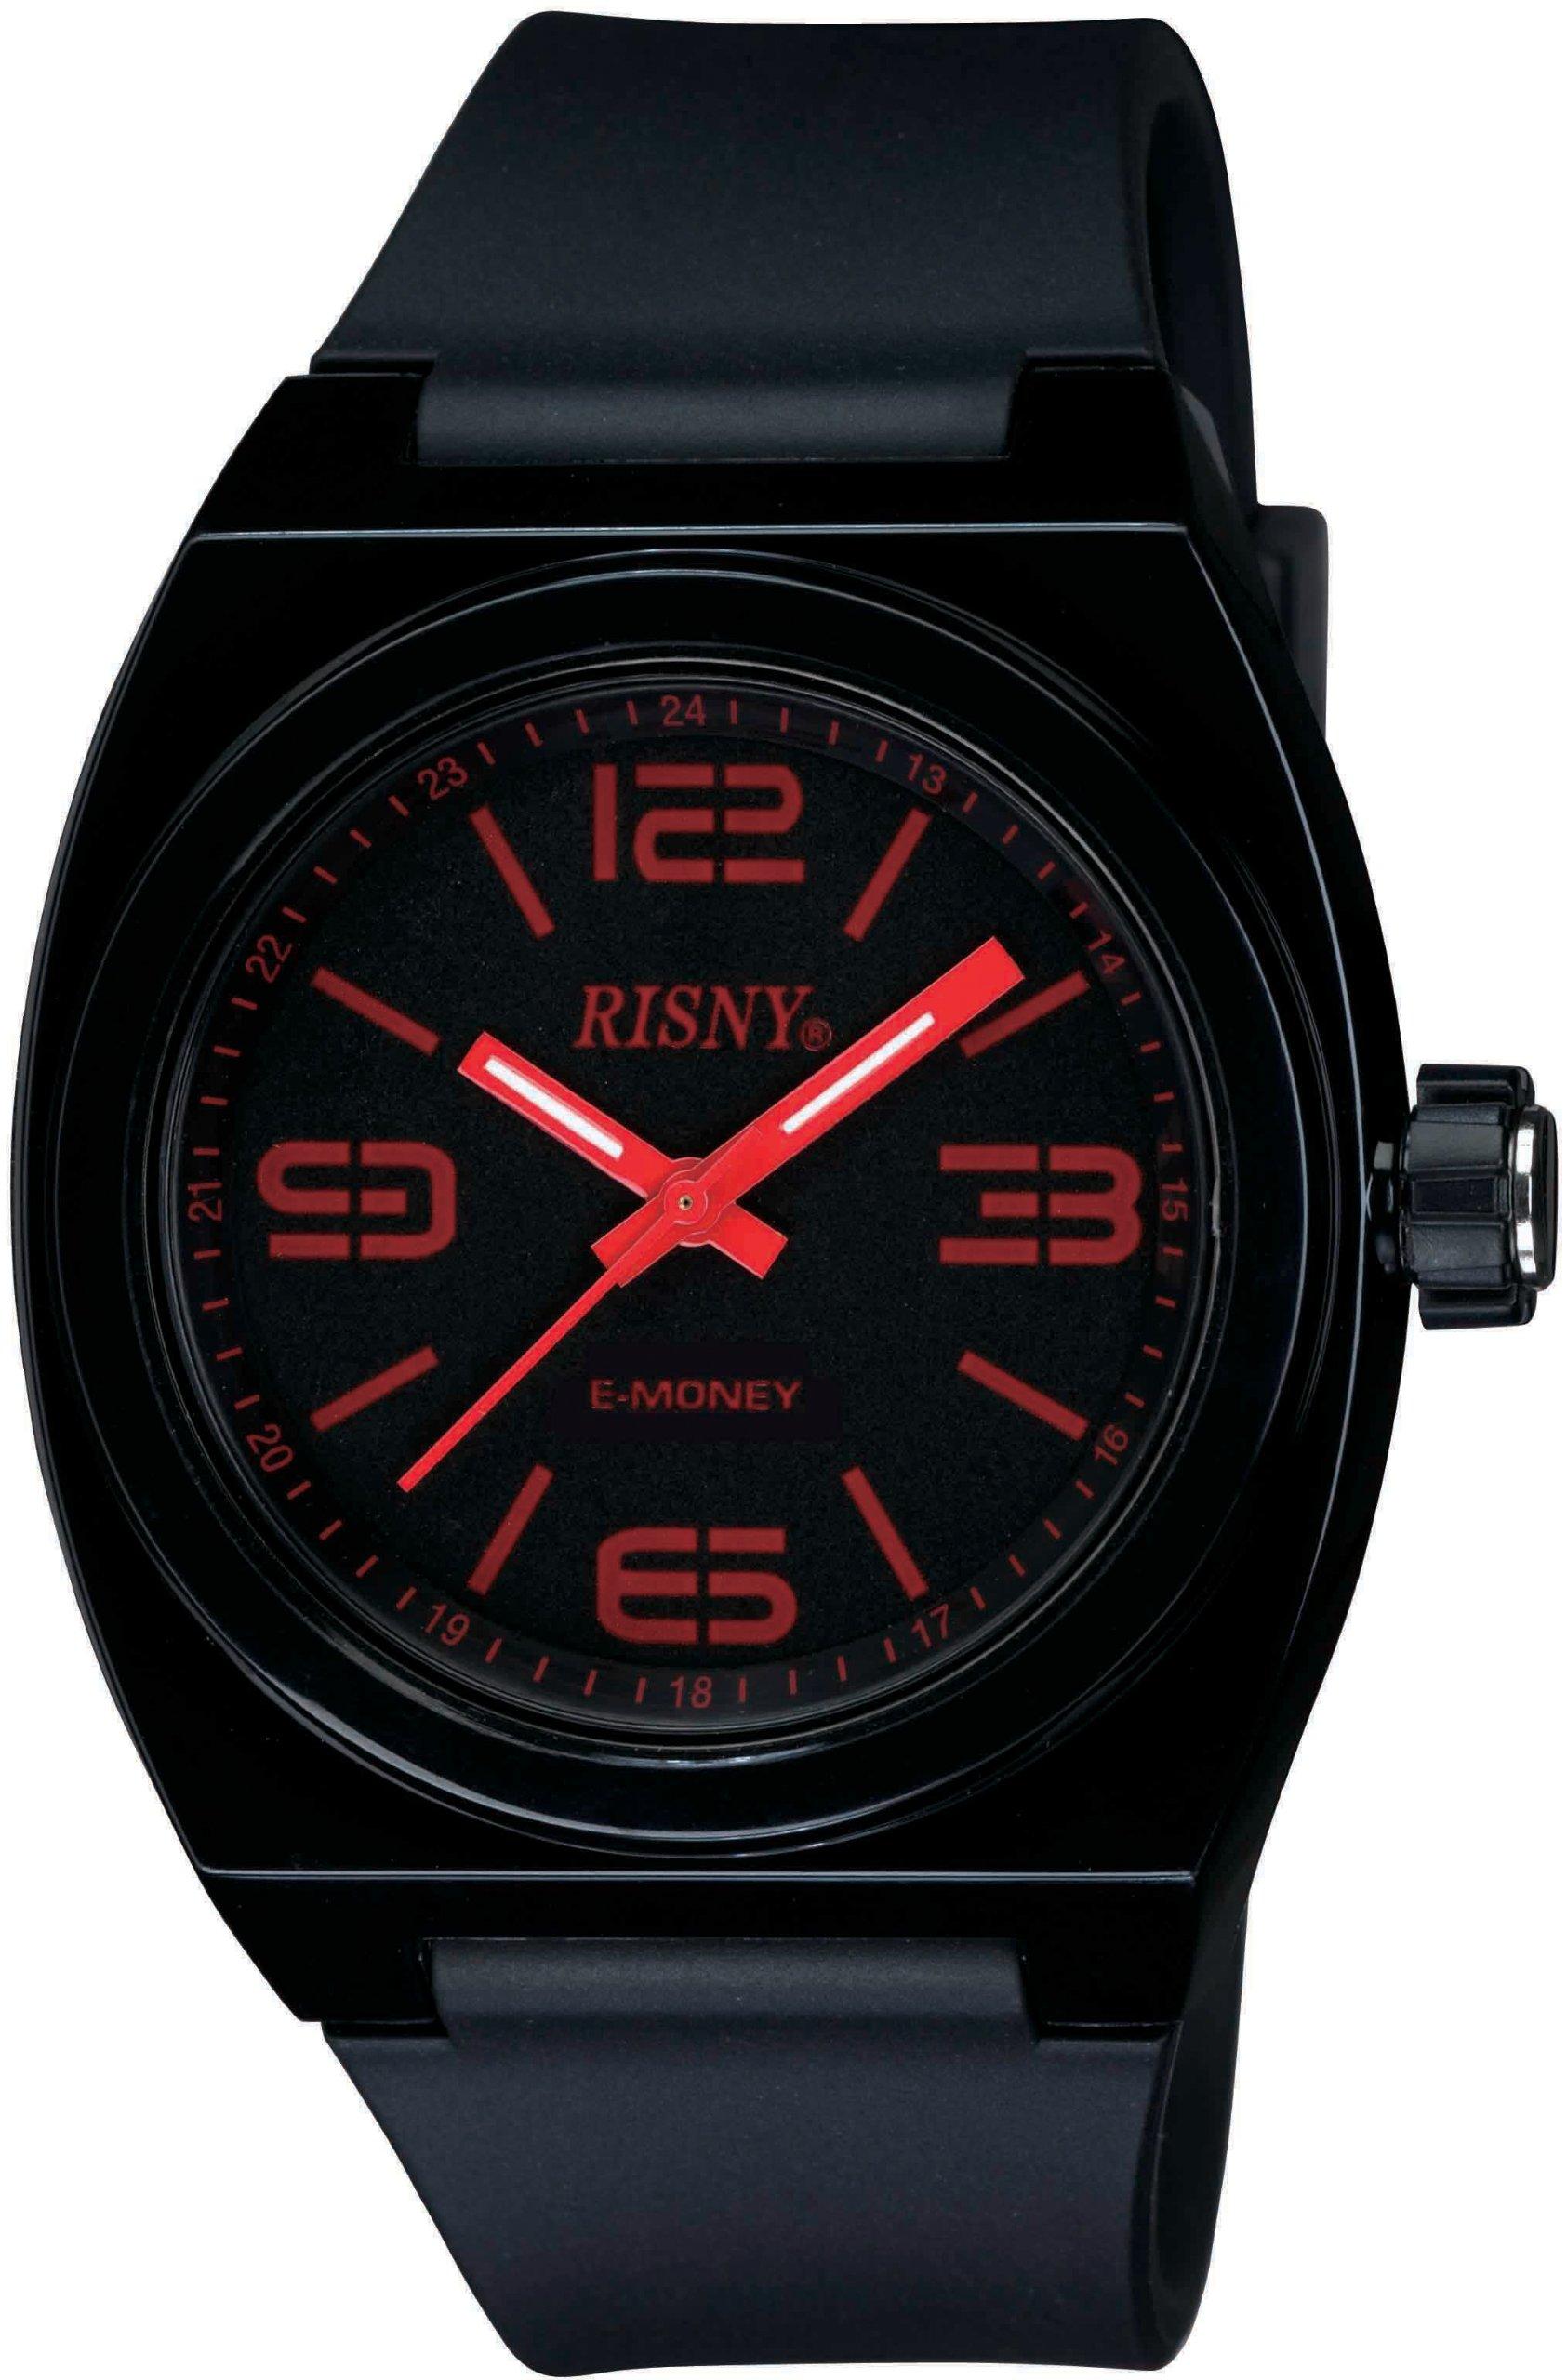 [リスニー]RISNY 腕時計 電子マネーEdy(エディ)搭載 ブラック RS-001M-01